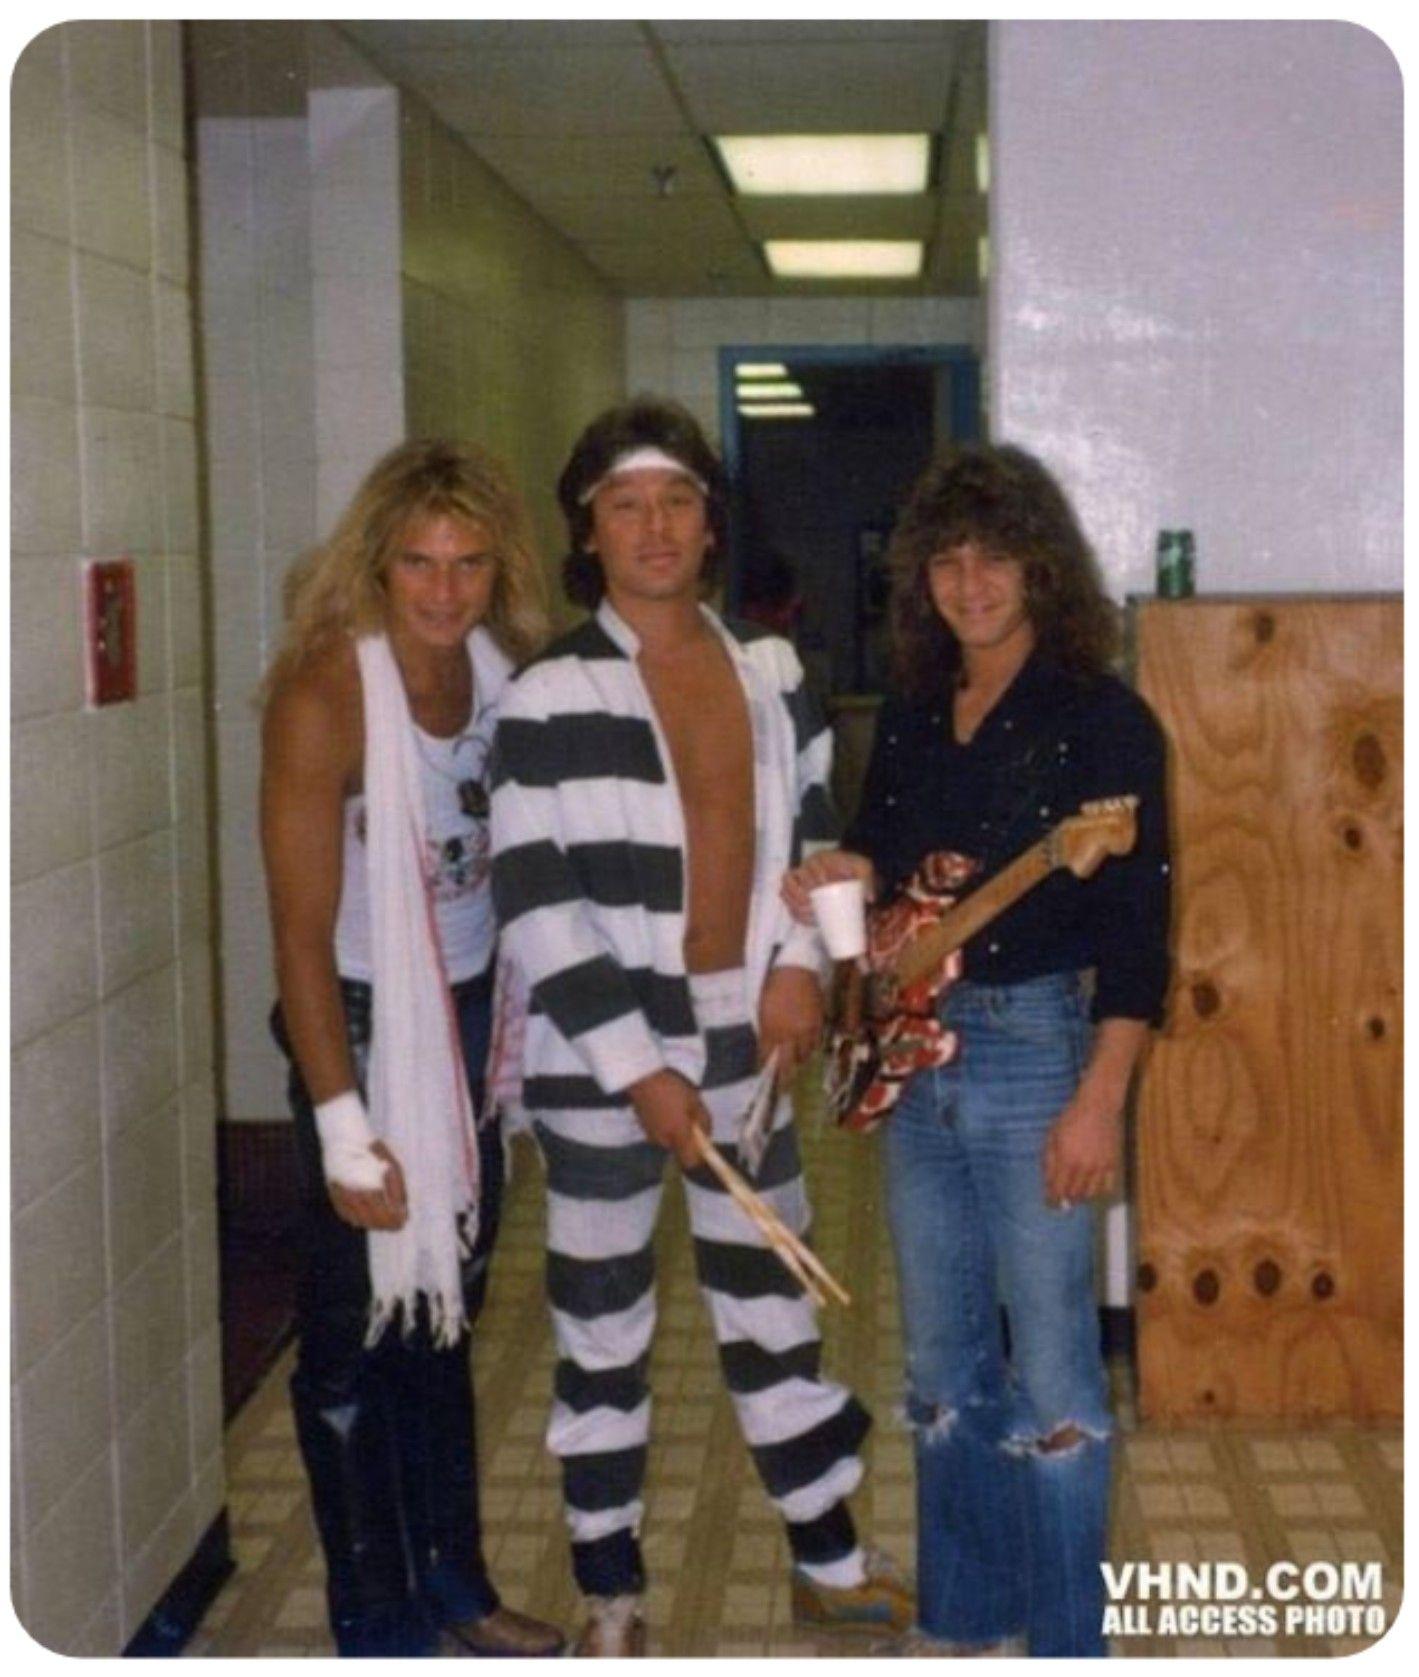 Pin By Sherri Tyler On Van Halen Van Halen Eddie Van Halen Alex Van Halen